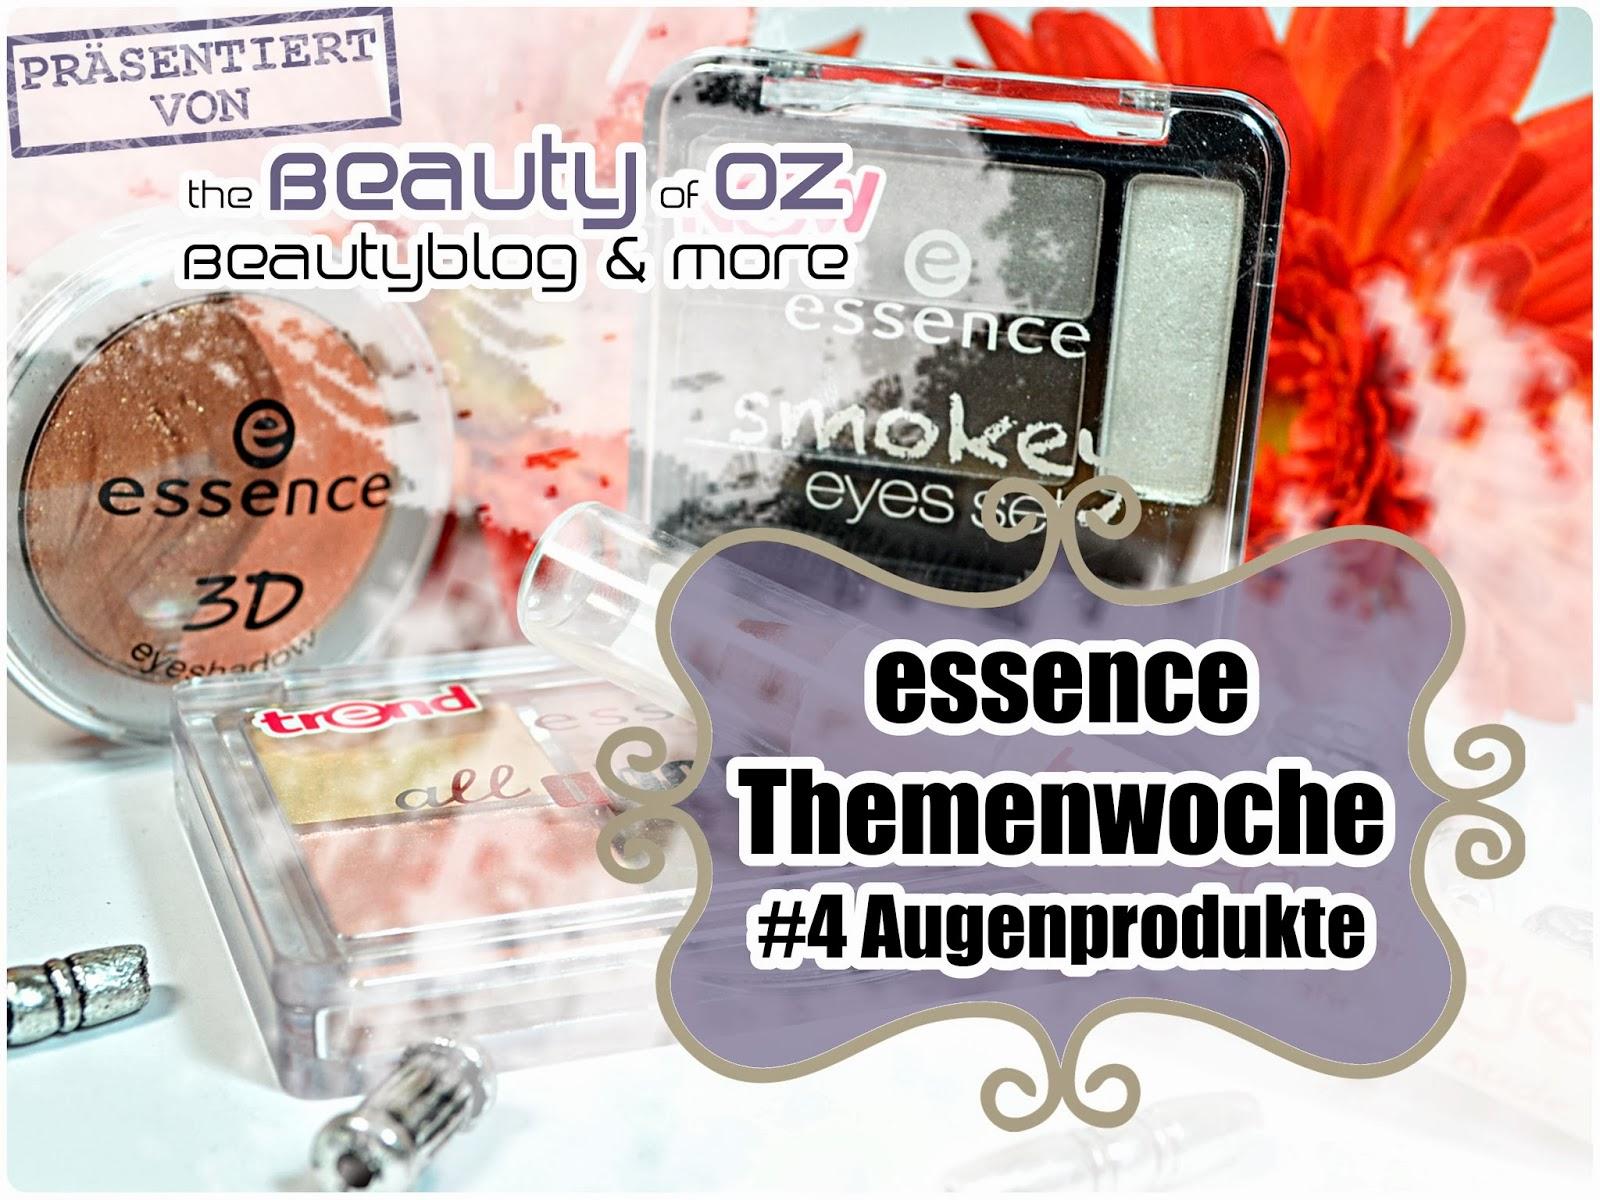 essence Neuheiten im Frühjahr 2014 Augenprodukte (Lidschatten)